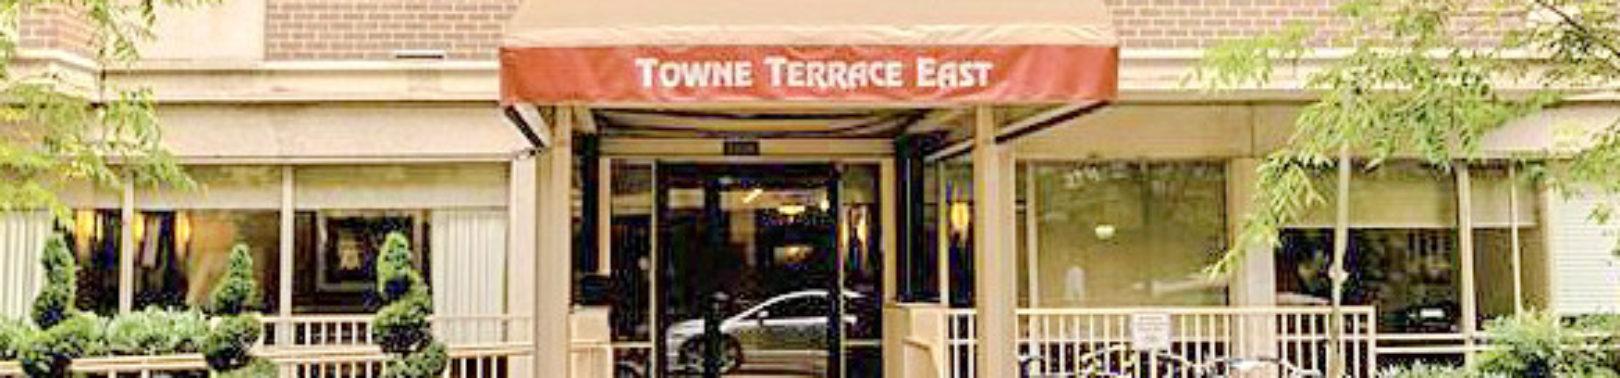 Towne Terrace Condominium